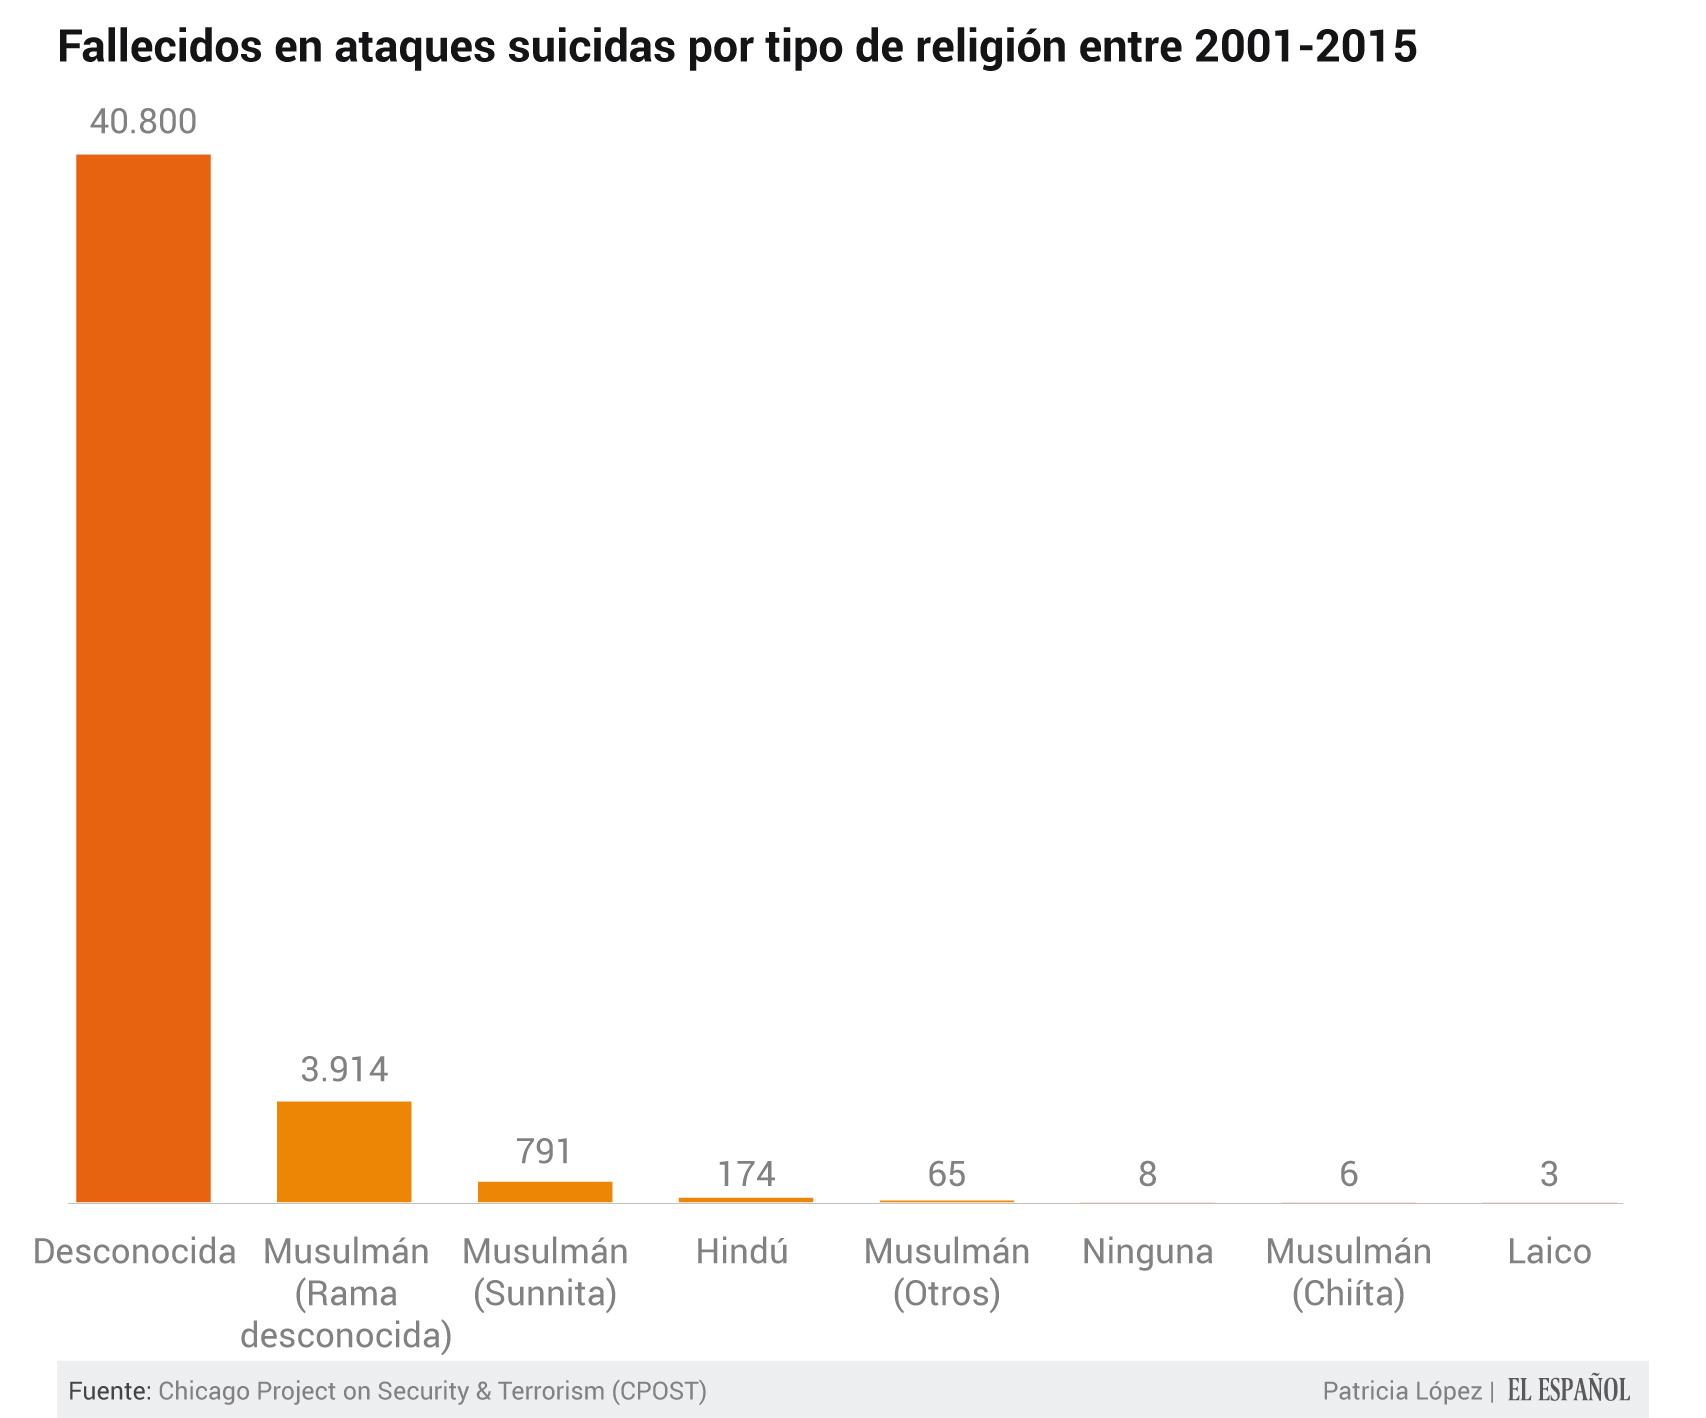 Musulmanes e hindúes son las religiones más directamente afectadas de las que existe registro.